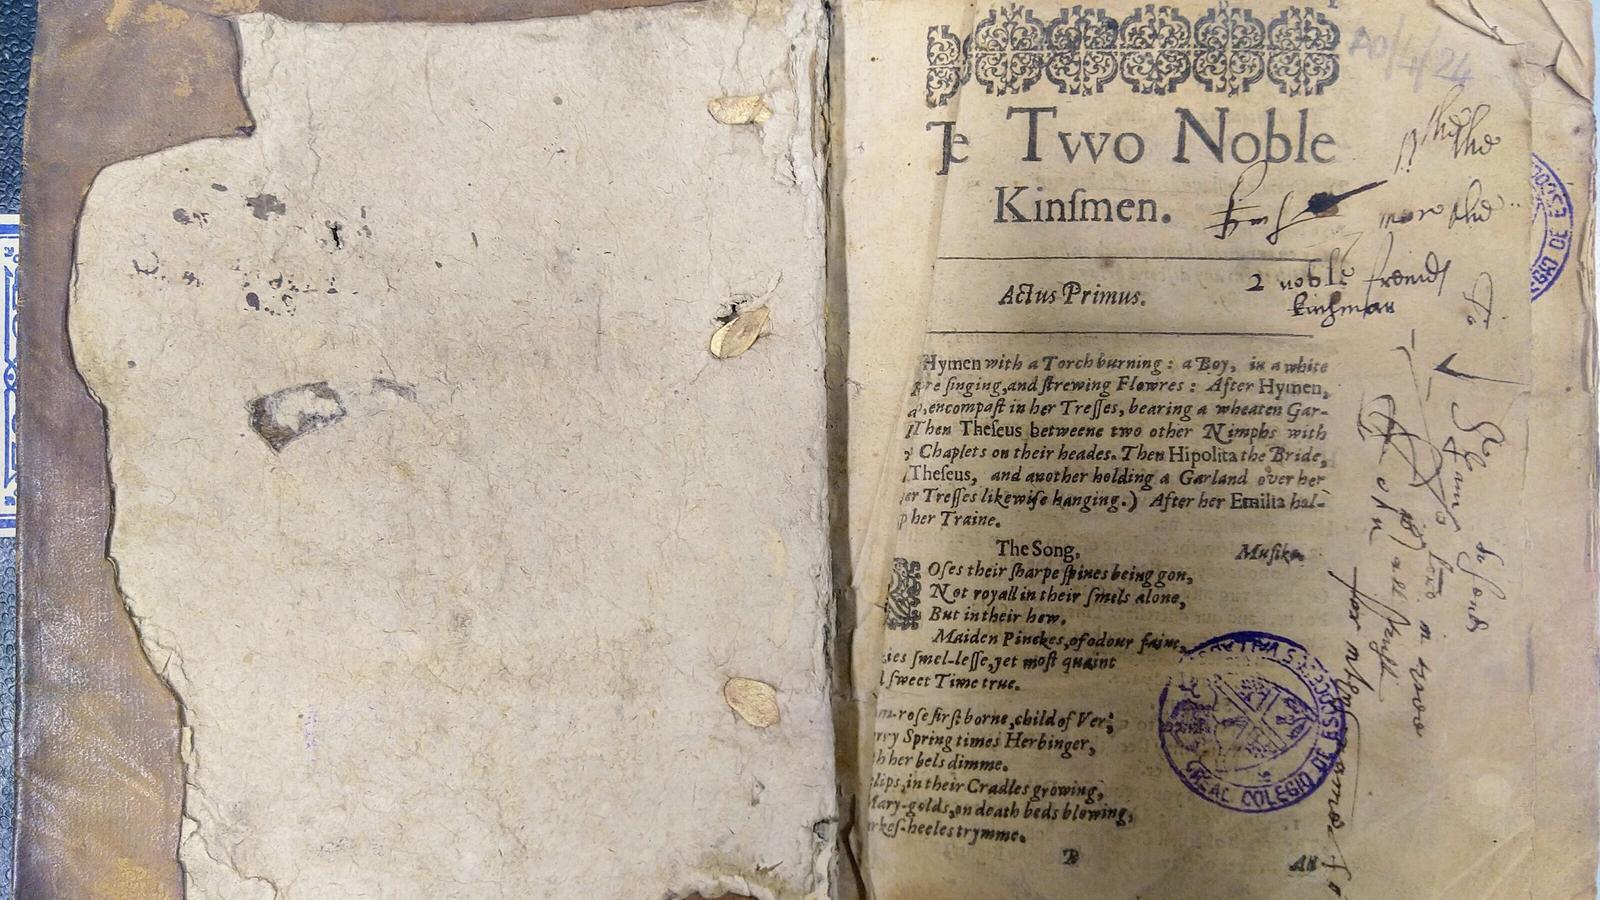 Pàgina del volum trobat per Stone amb la portada de 'The two noble kinsmen'